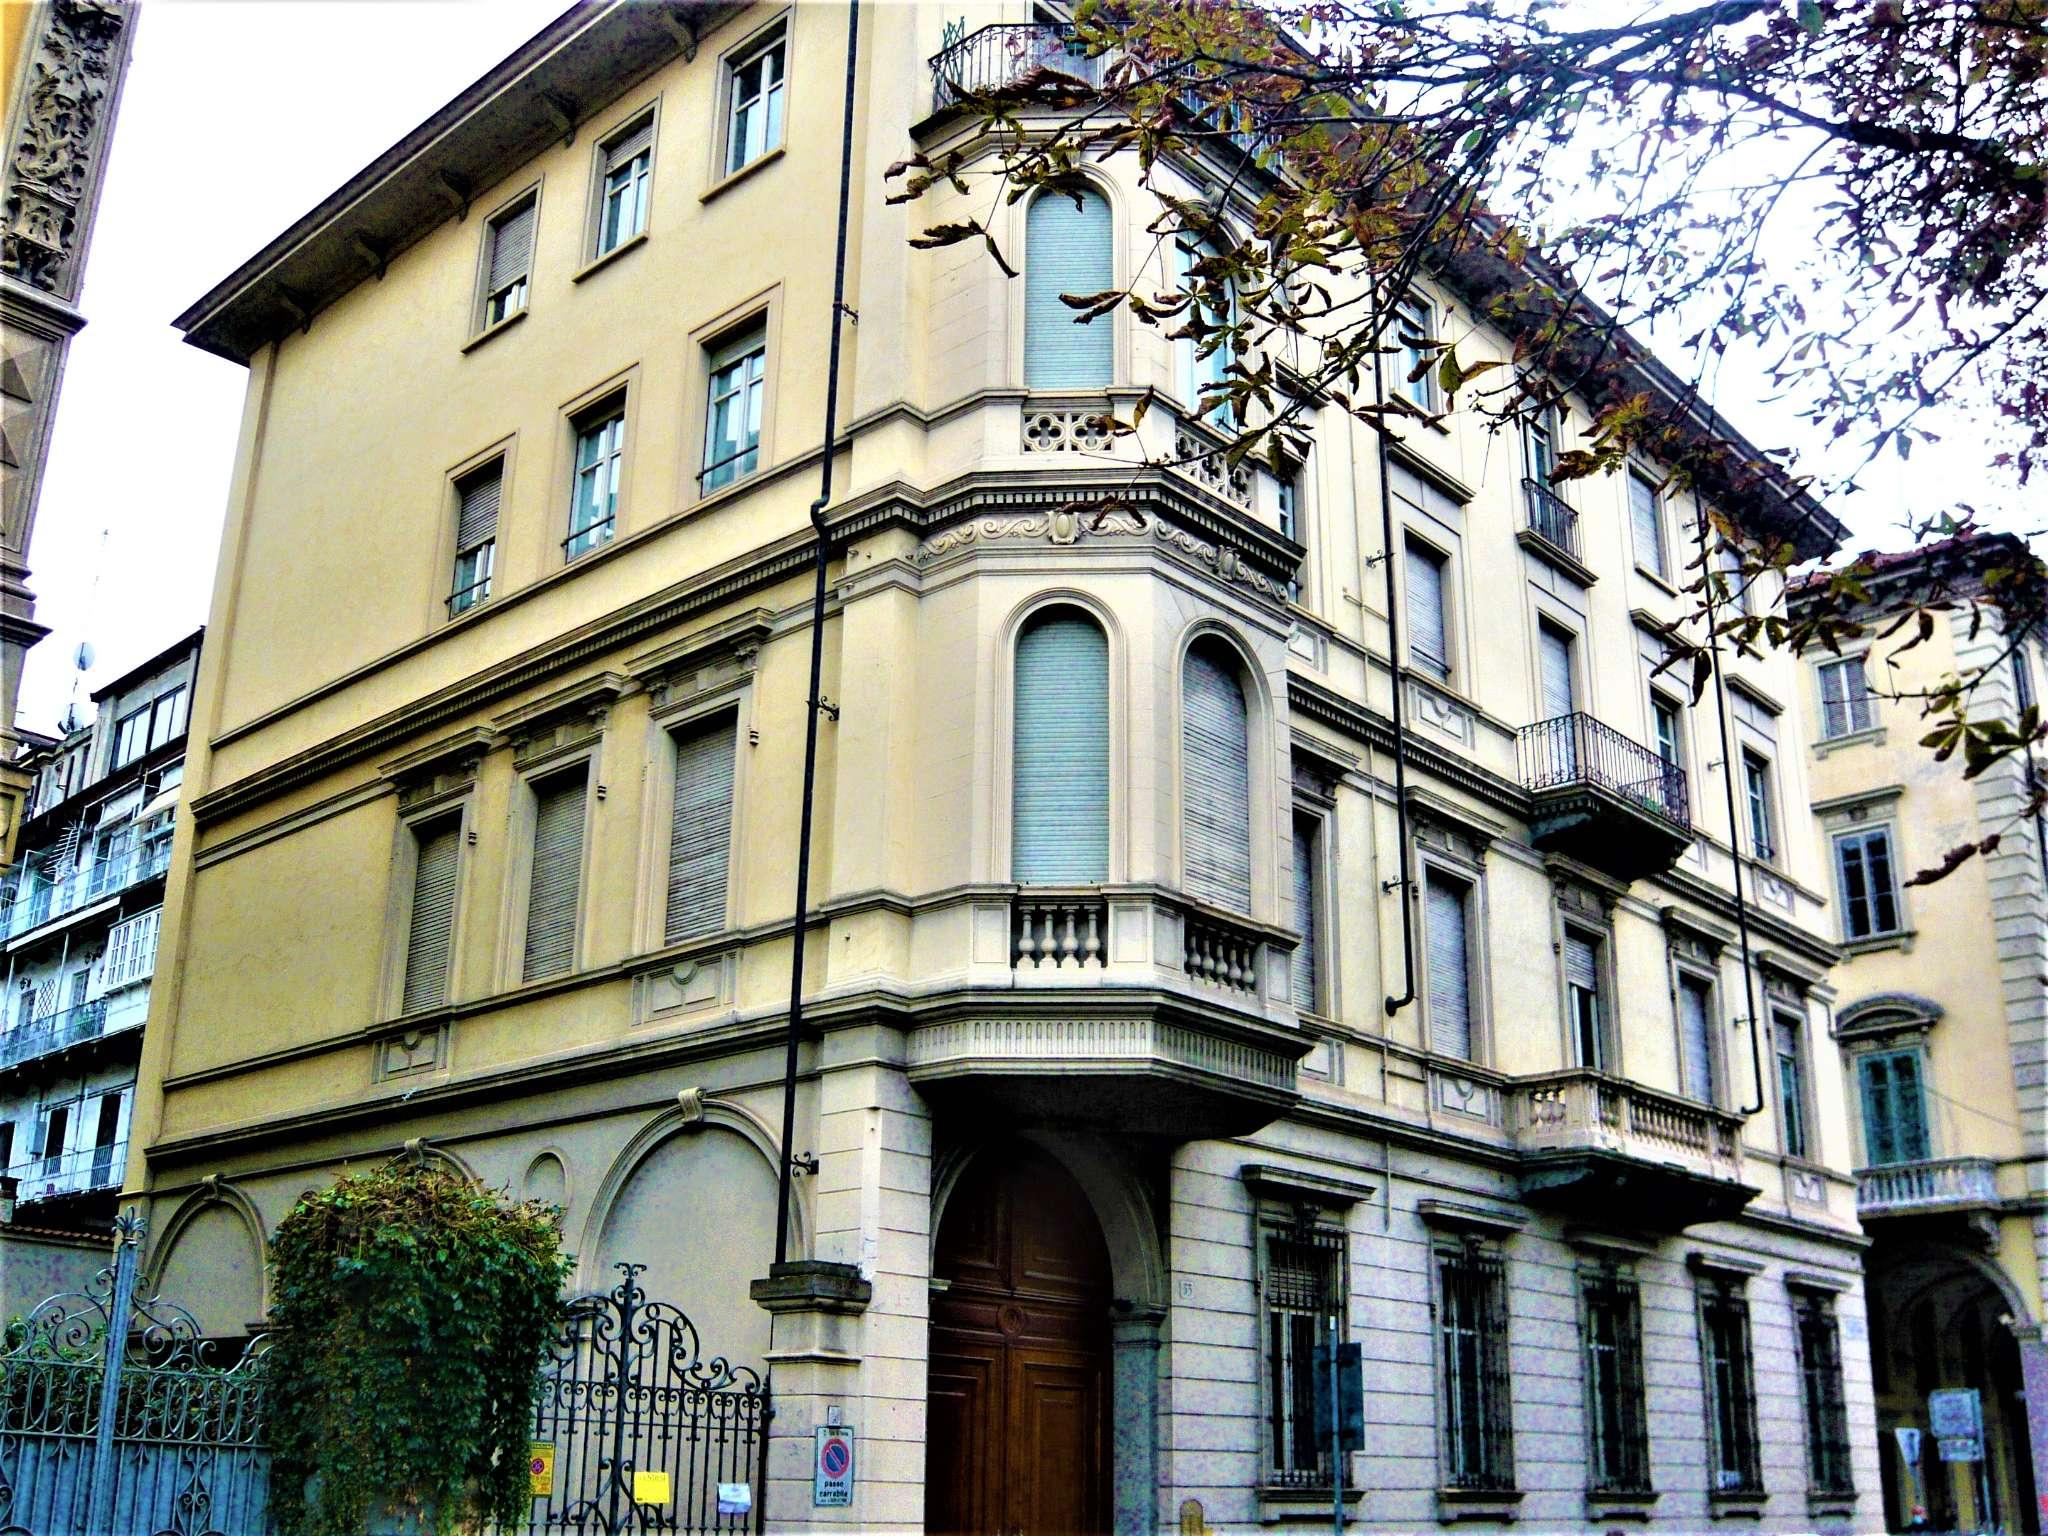 Appartamento in affitto a Torino, 2 locali, zona Centro, Quadrilatero Romano, Repubblica, Giardini Reali, prezzo € 650 | PortaleAgenzieImmobiliari.it